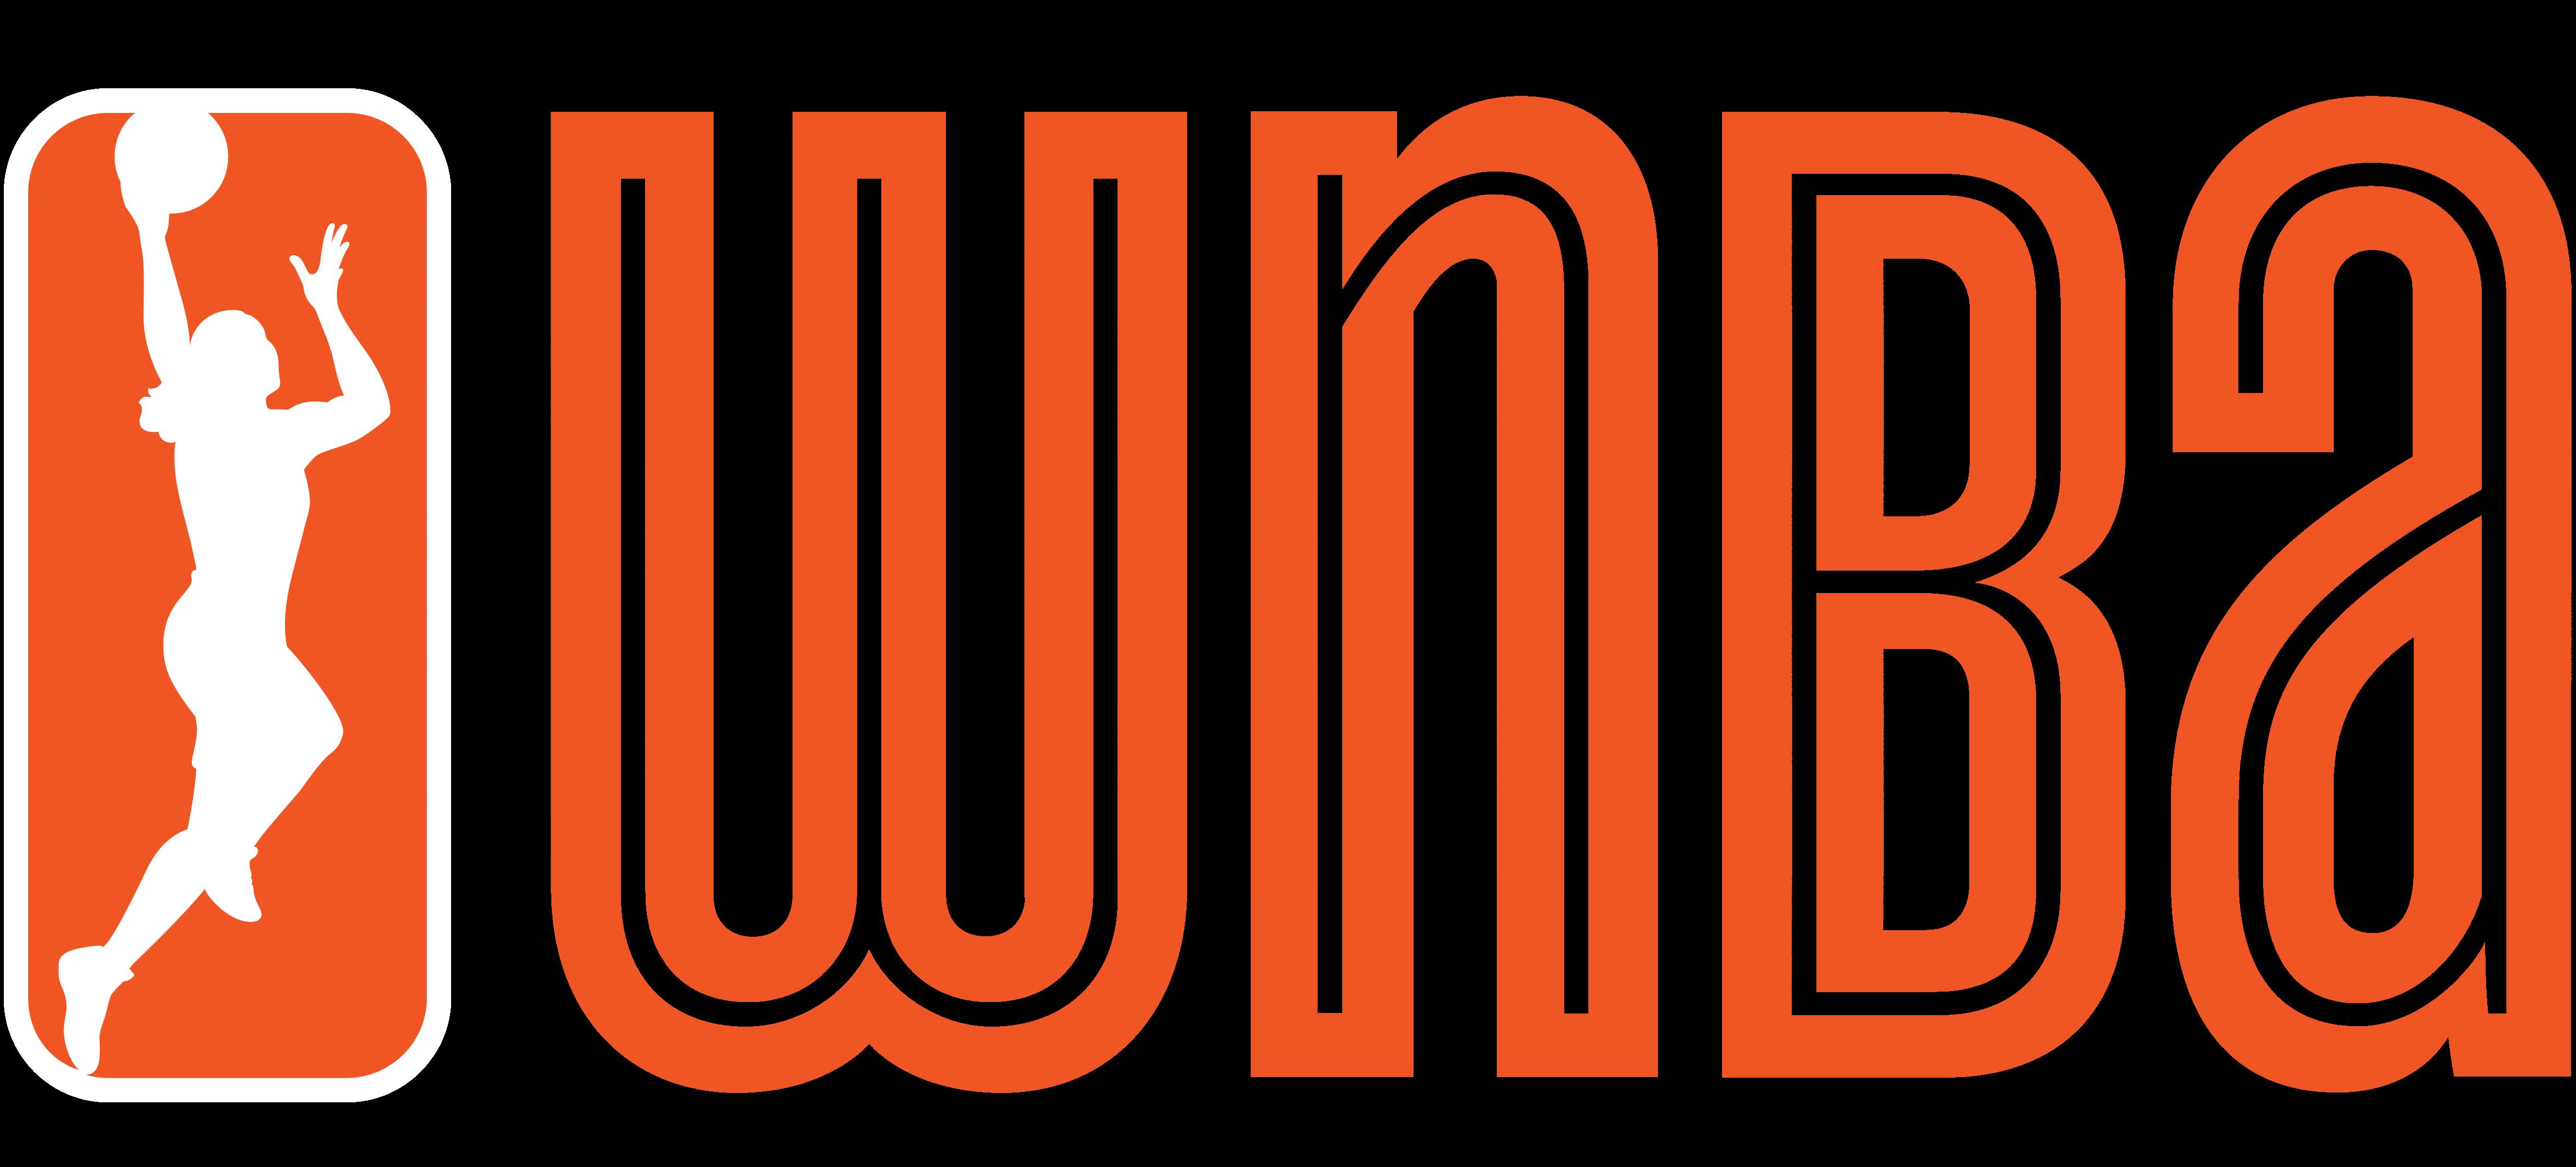 Logo Wnba Png - Wnba Logo, Logotype, Transparent background PNG HD thumbnail